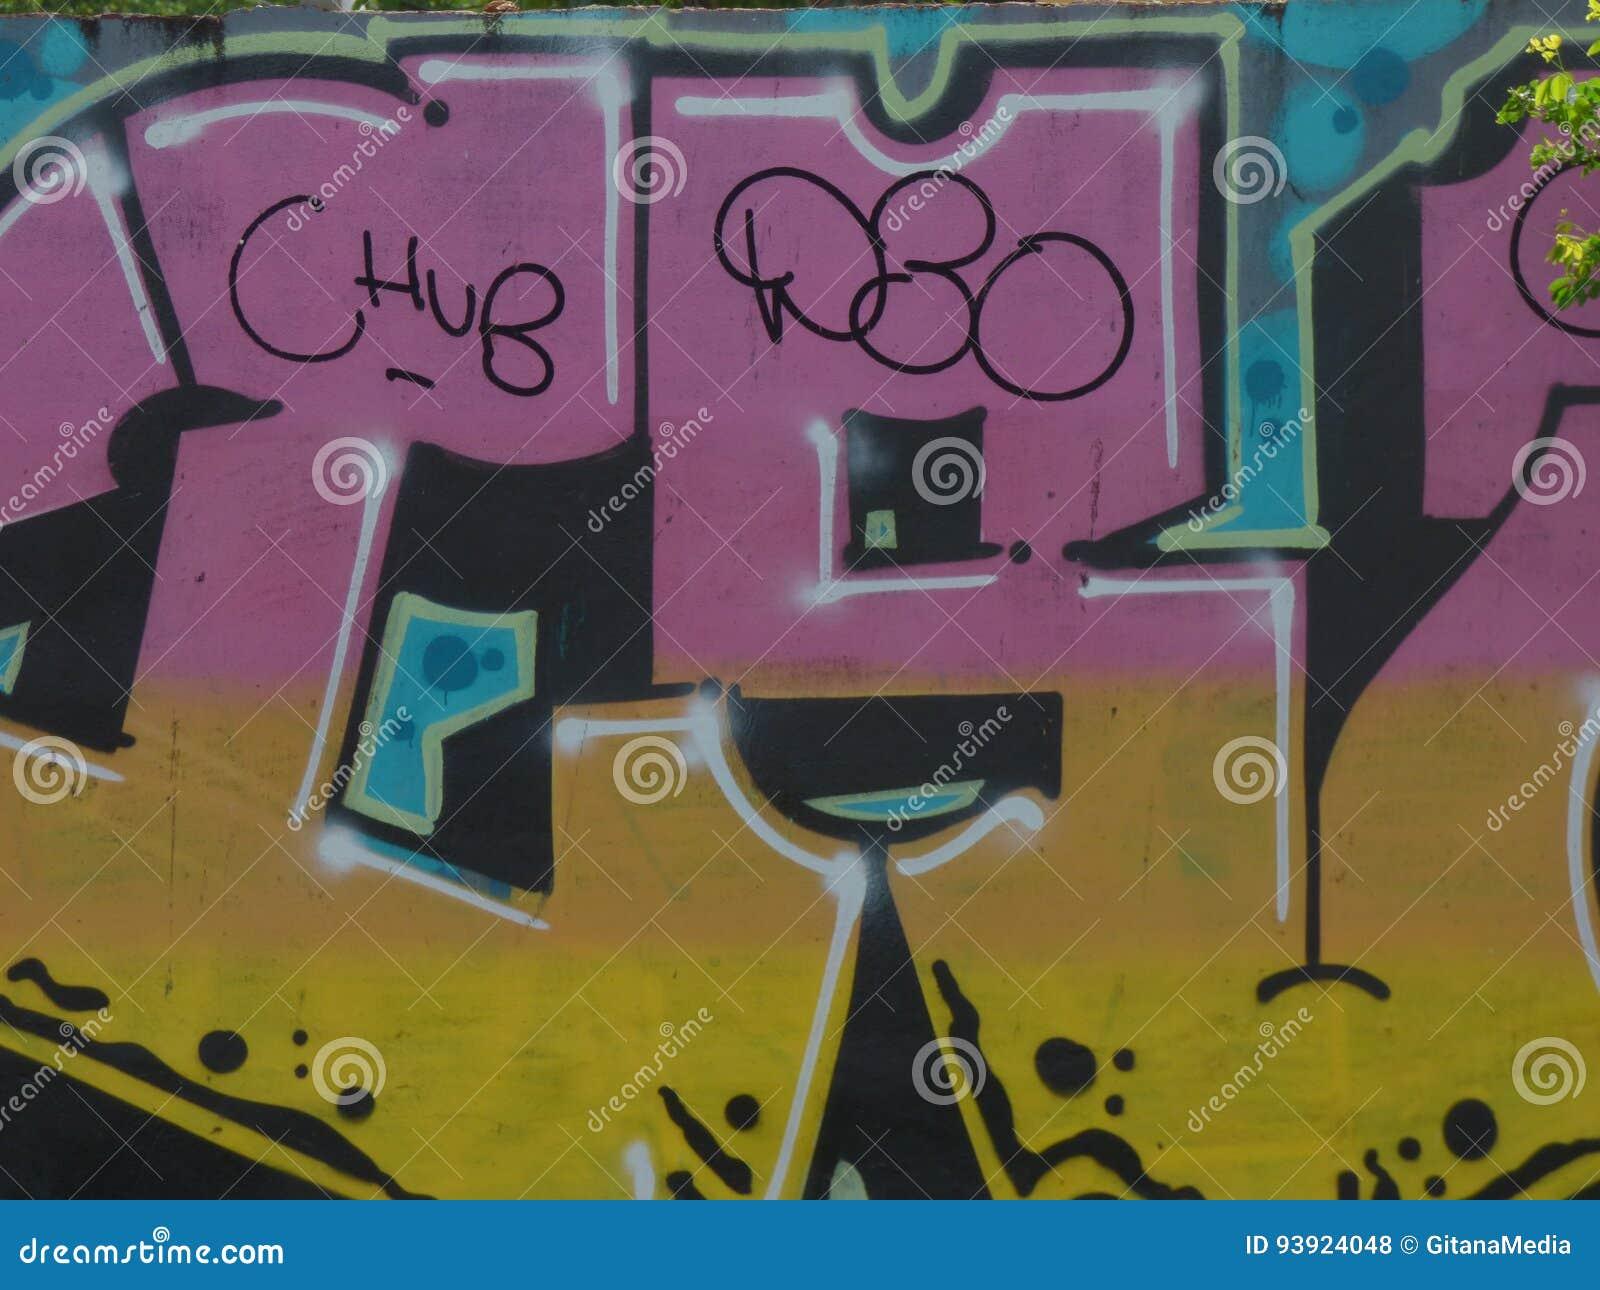 Graffiti Art, Wall in San Juan, Puerto Rico